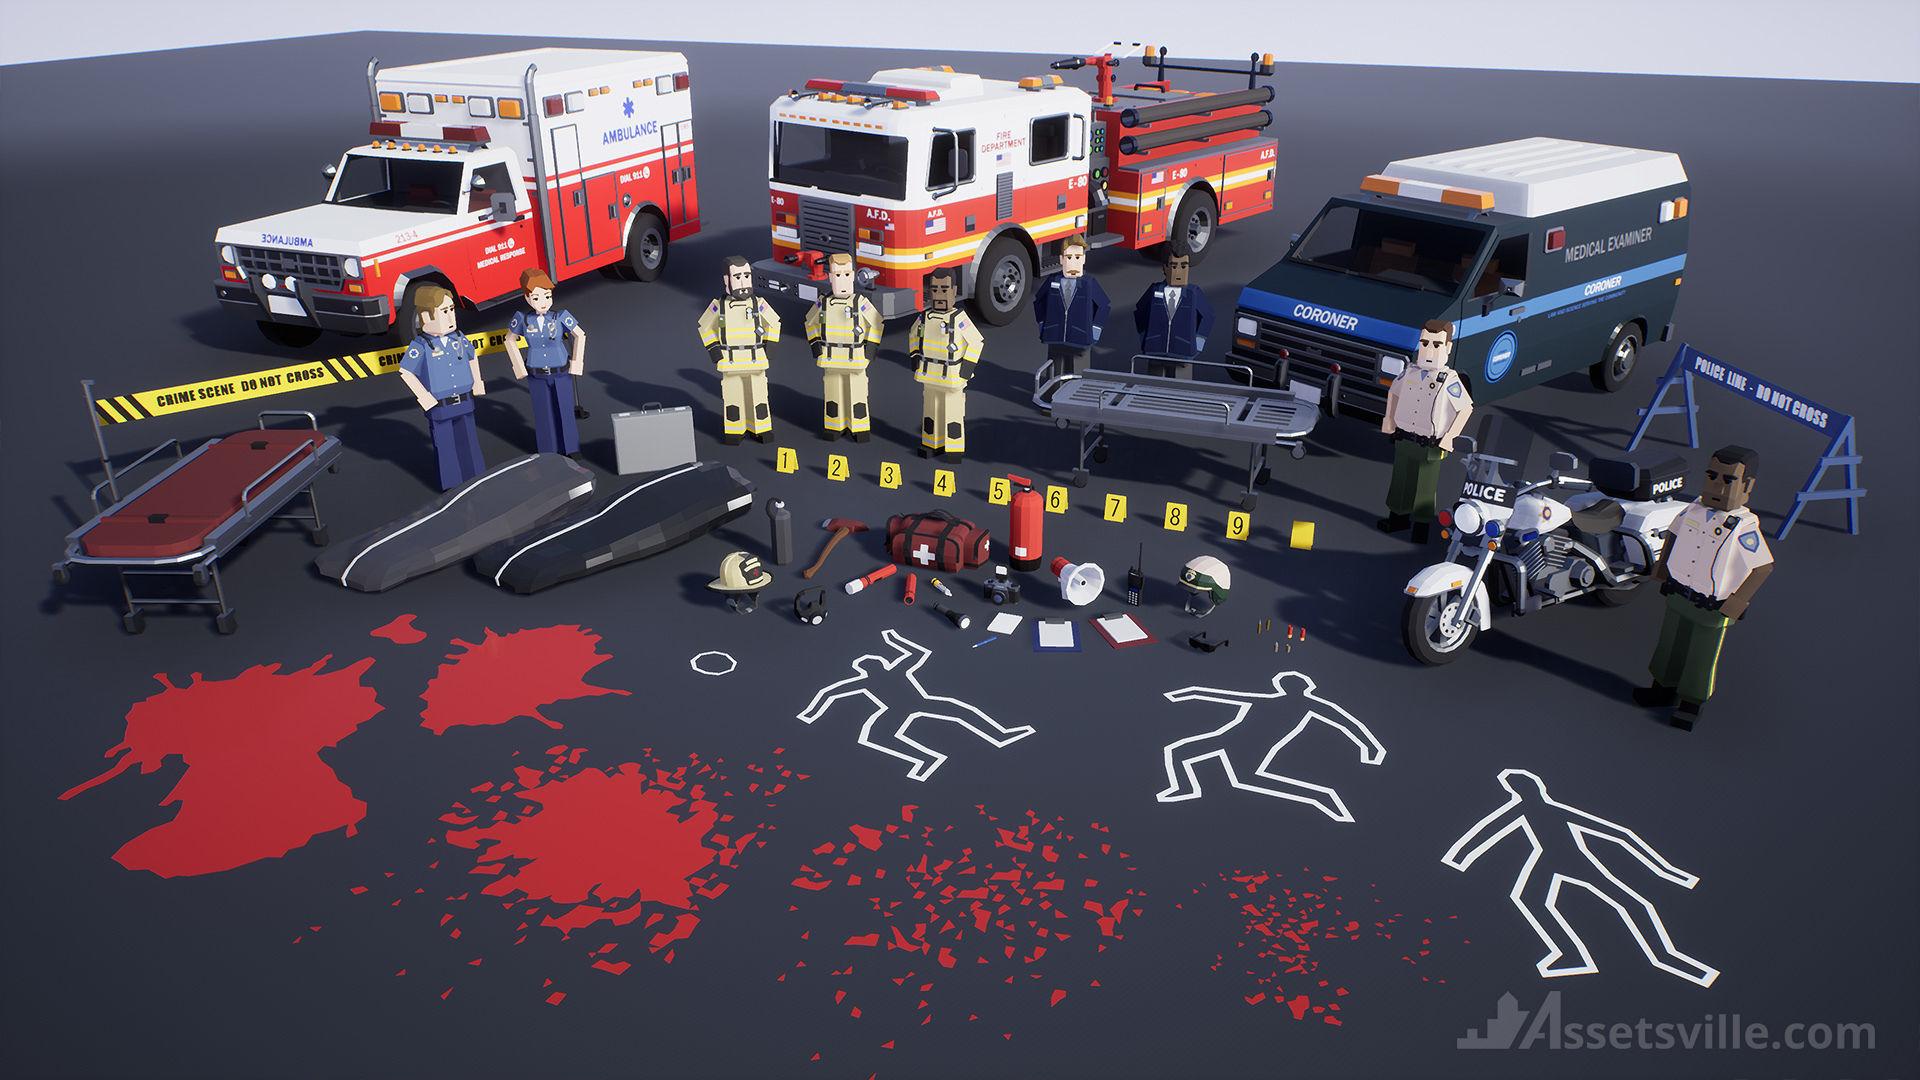 Assetsville 911 First Responders